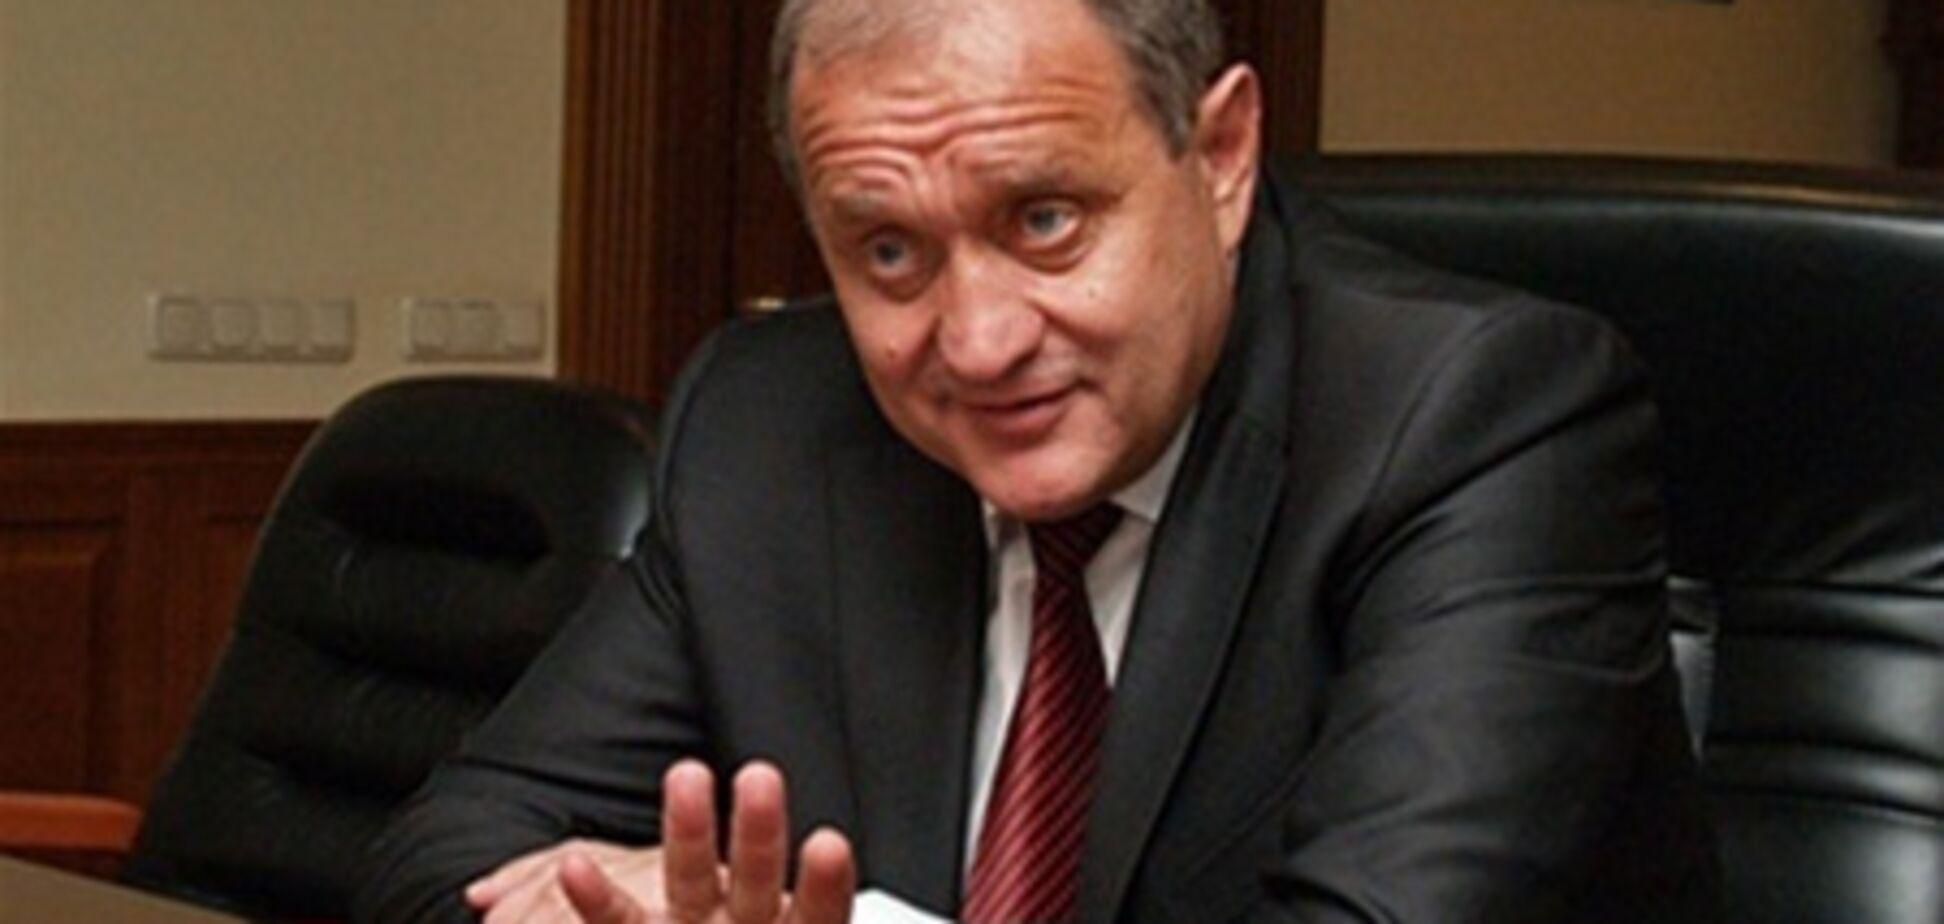 Против Могилева могут возбудить уголовное дело